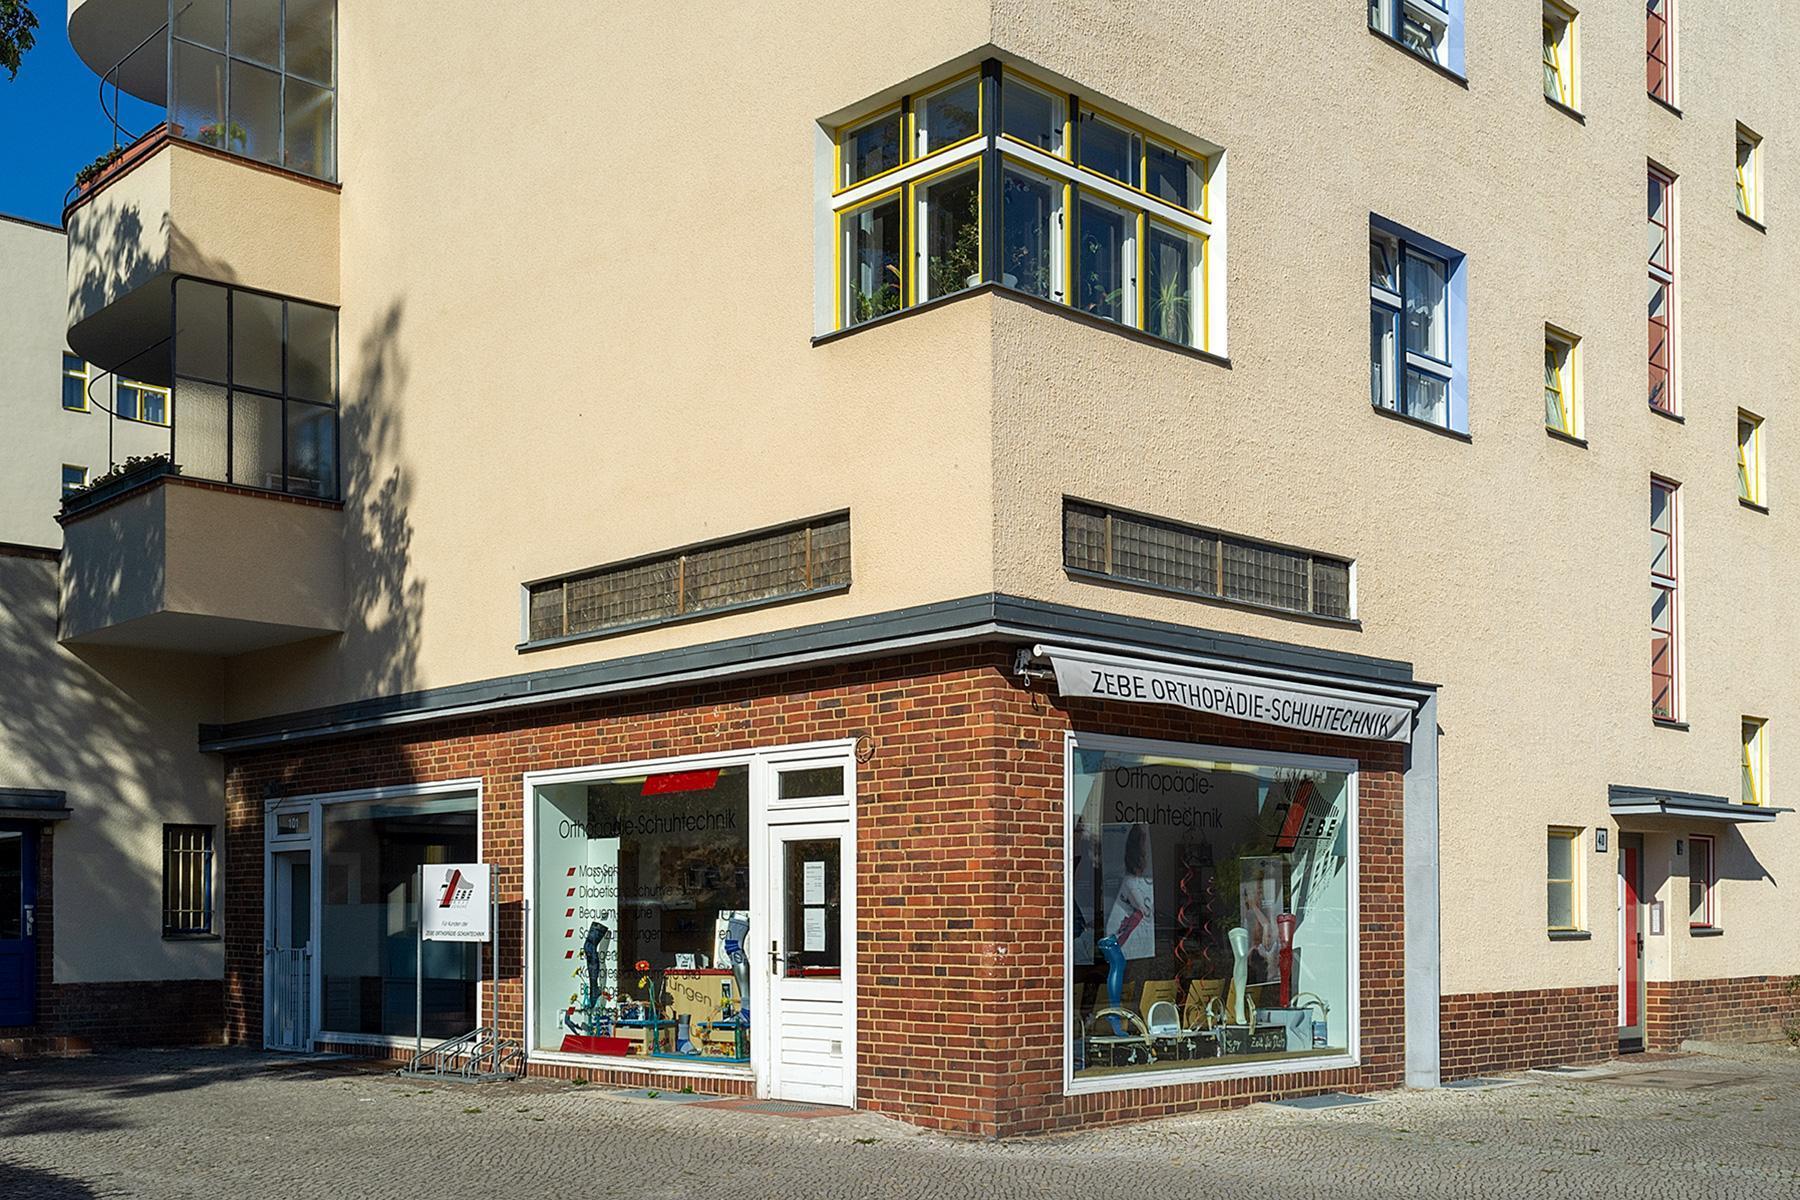 Eine Hausecke mit einem Ladengeschäft der Siedlung des UNESCO Welterbes